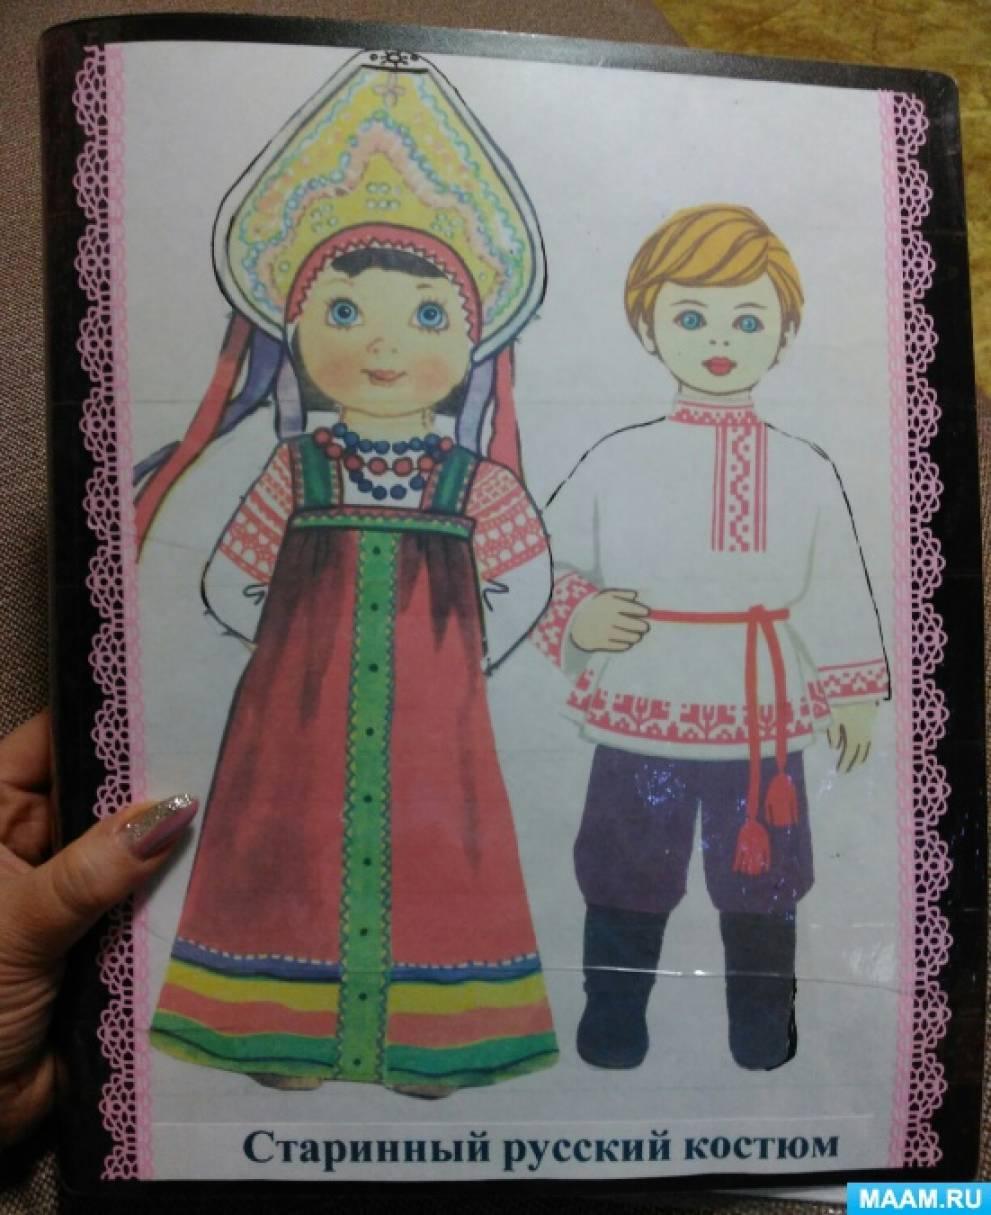 018249e0fd7 Русский народный костюм. Воспитателям детских садов